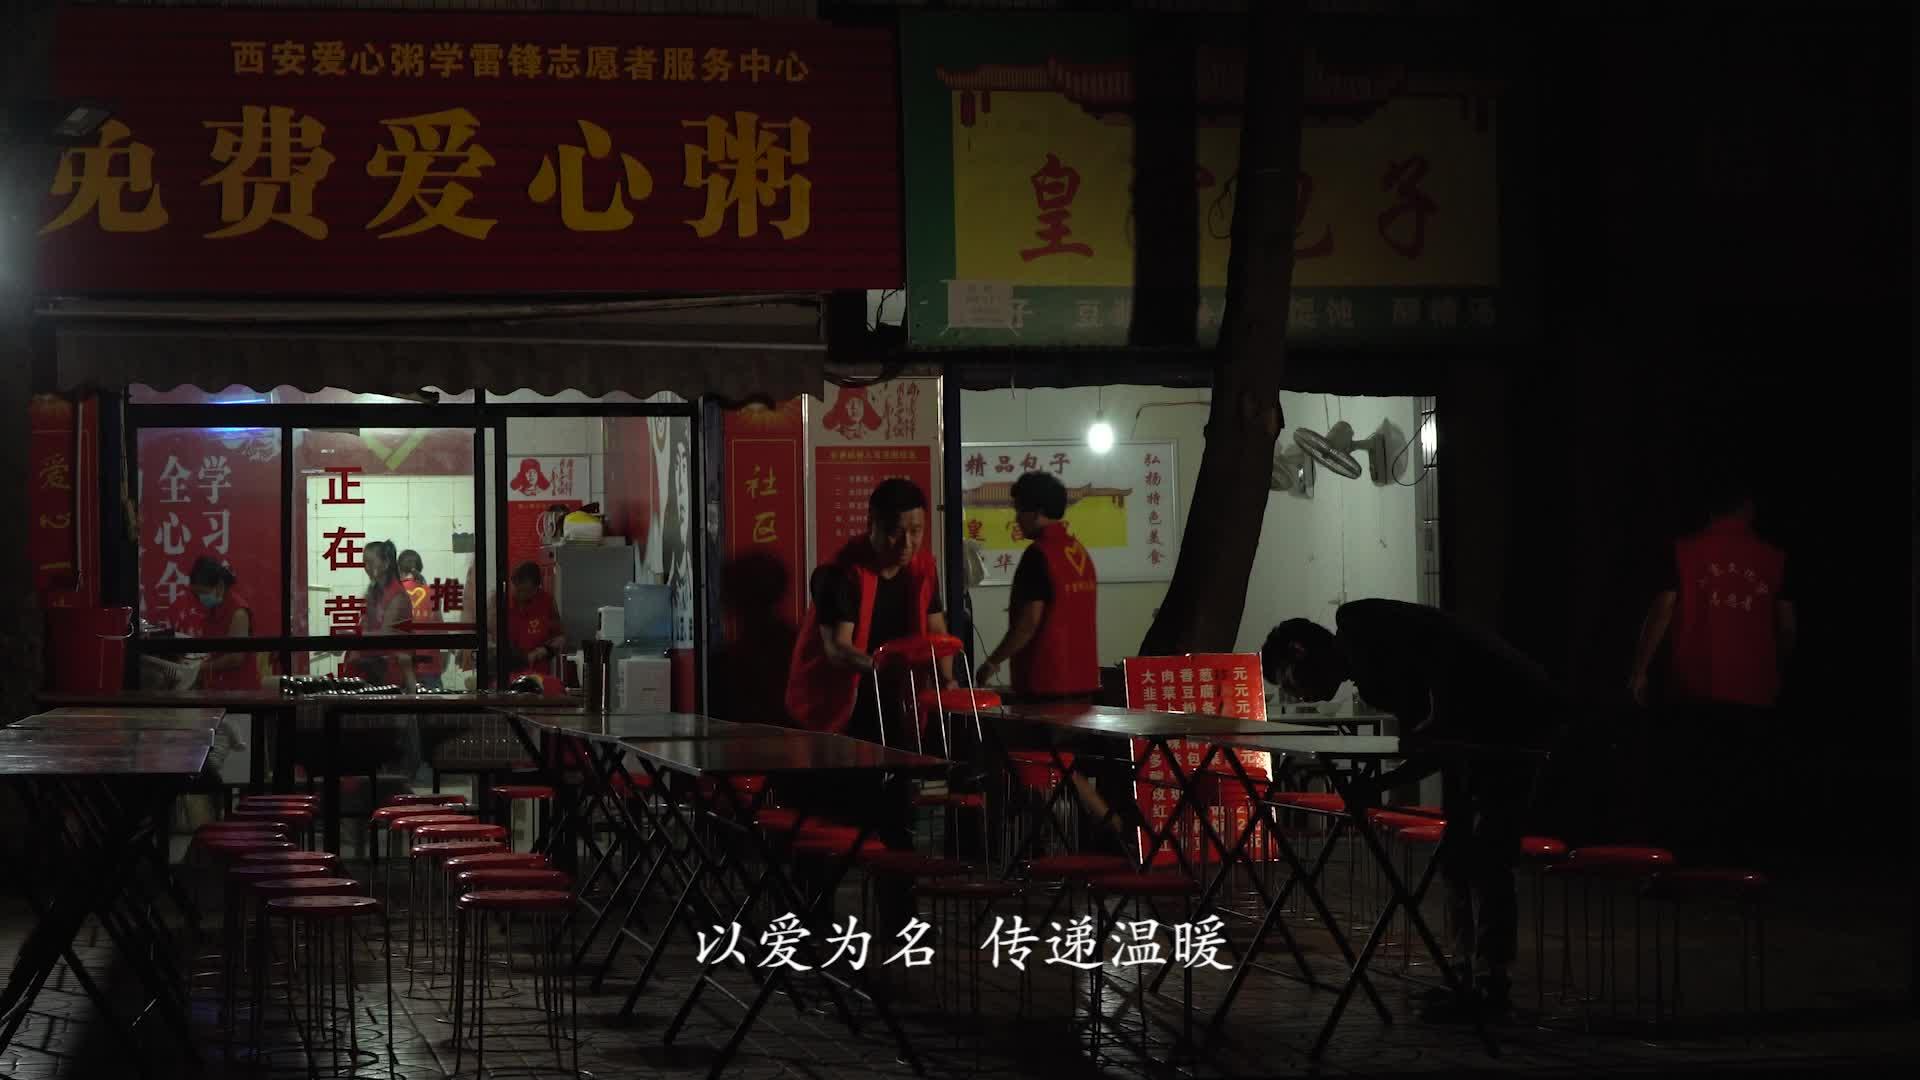 西安市总工会小寨工人文化宫《爱心粥屋》